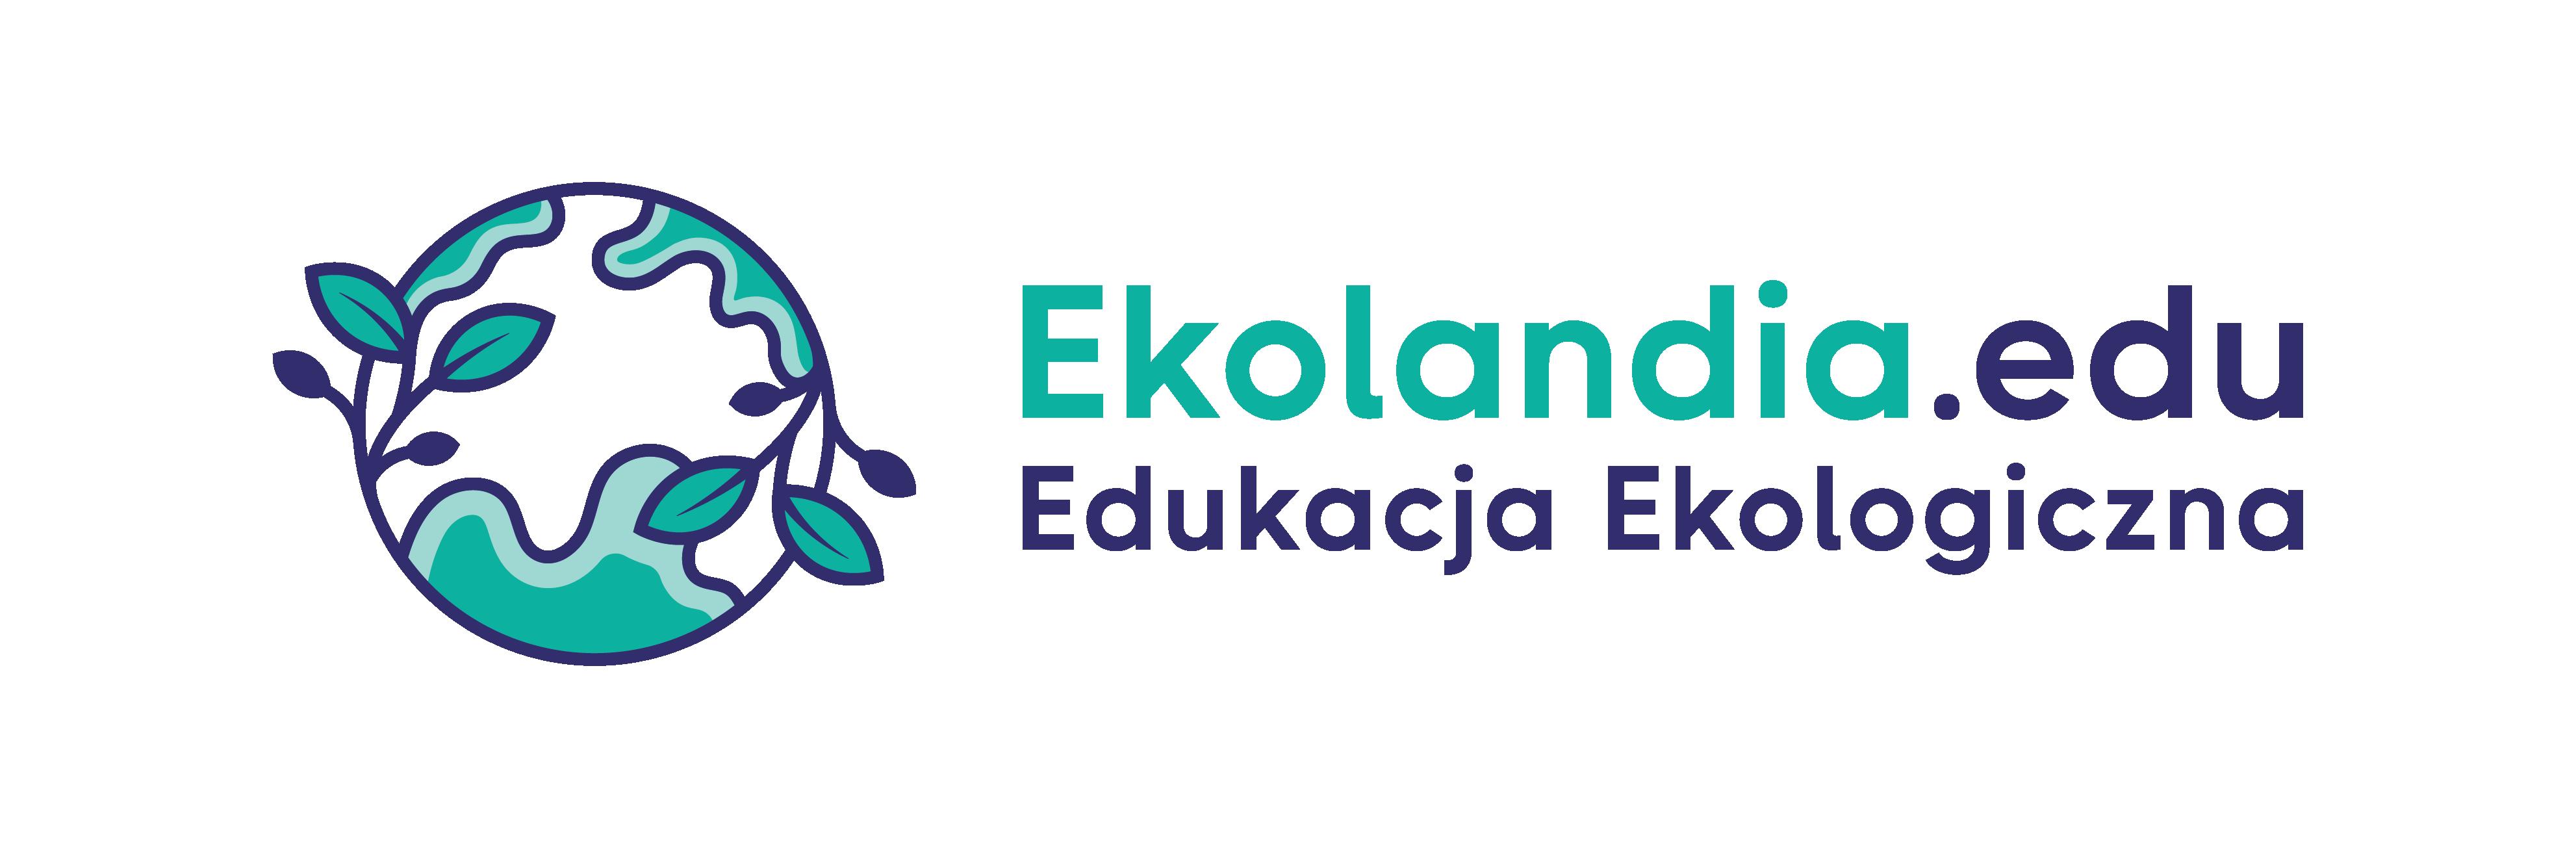 logo Ekolandia.edu